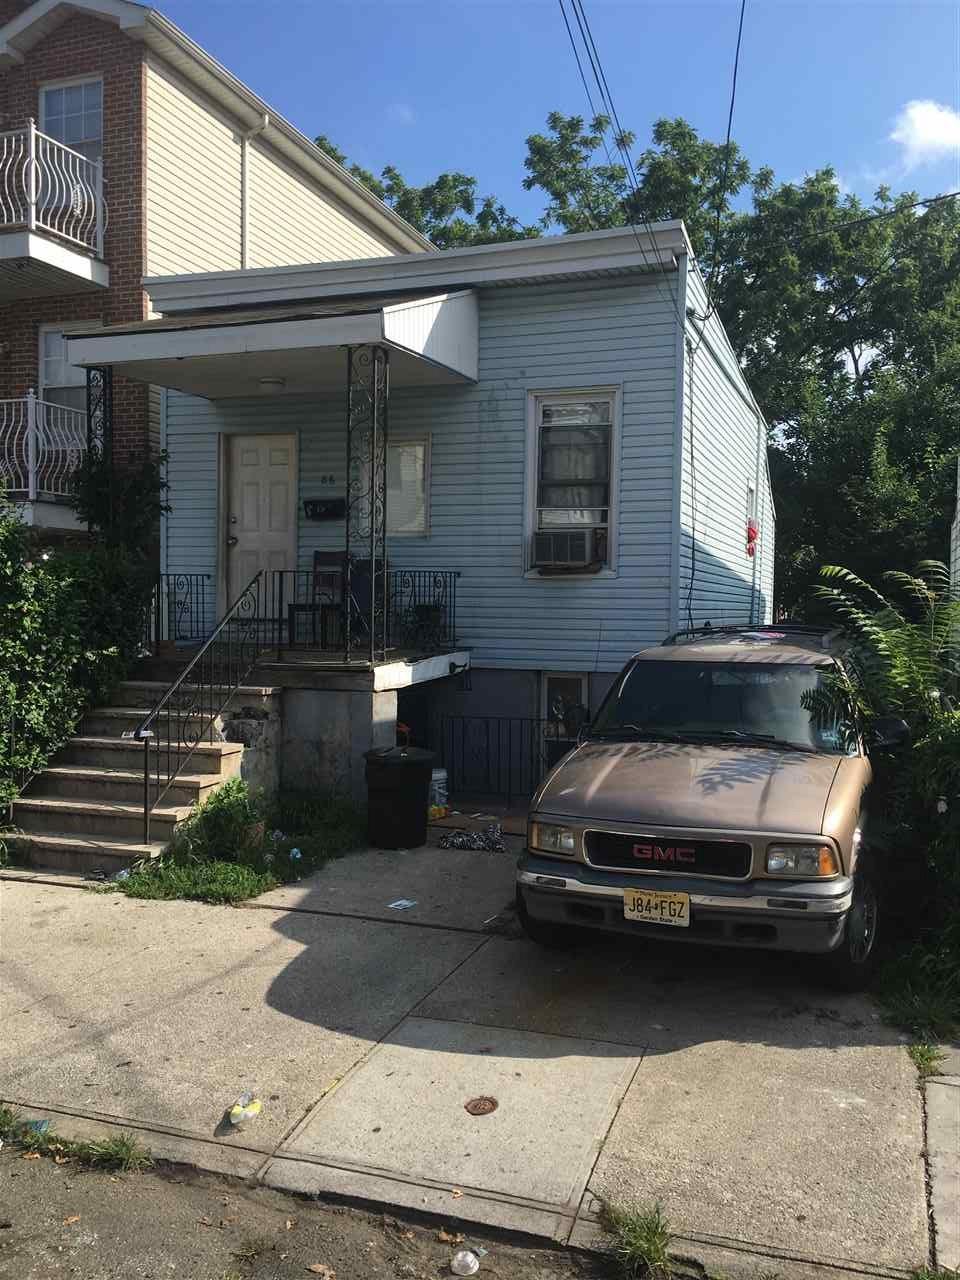 86 STEVENS AVE, JC, Greenville, NJ 07305